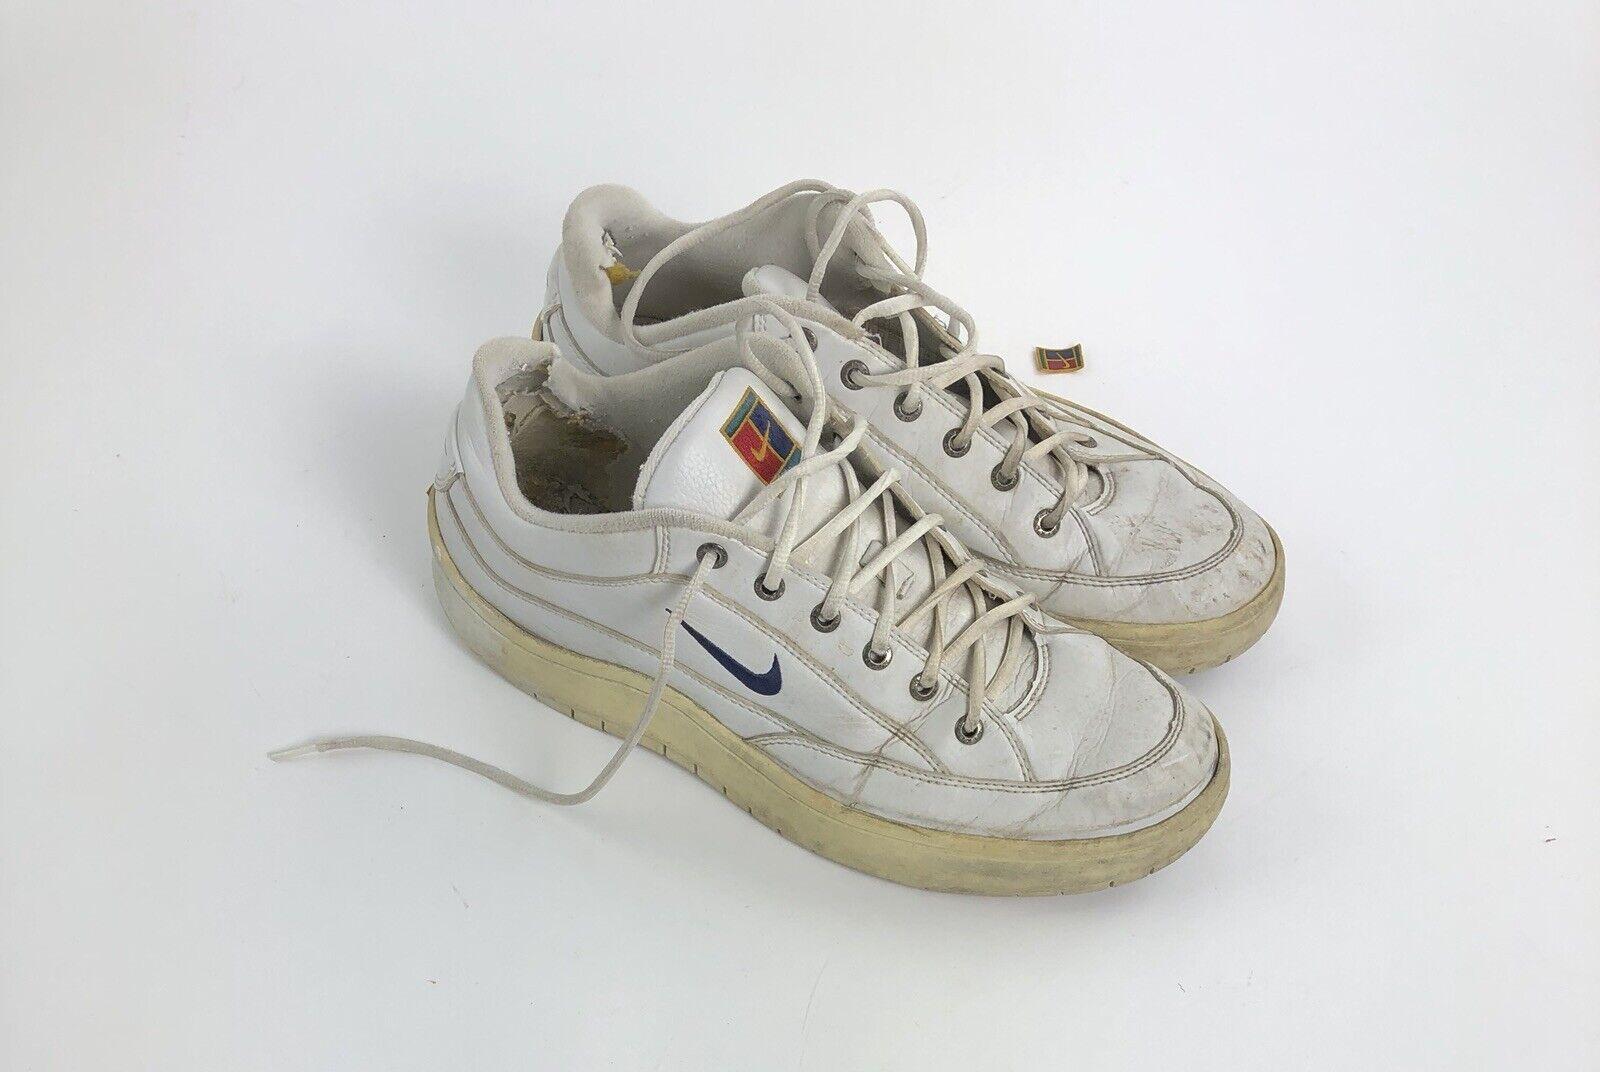 8c82c89f837f Vintage 90s Nike Tennis Court Court Court Challenge Agassi Sneakers shoes  Sz 12 5b4de3